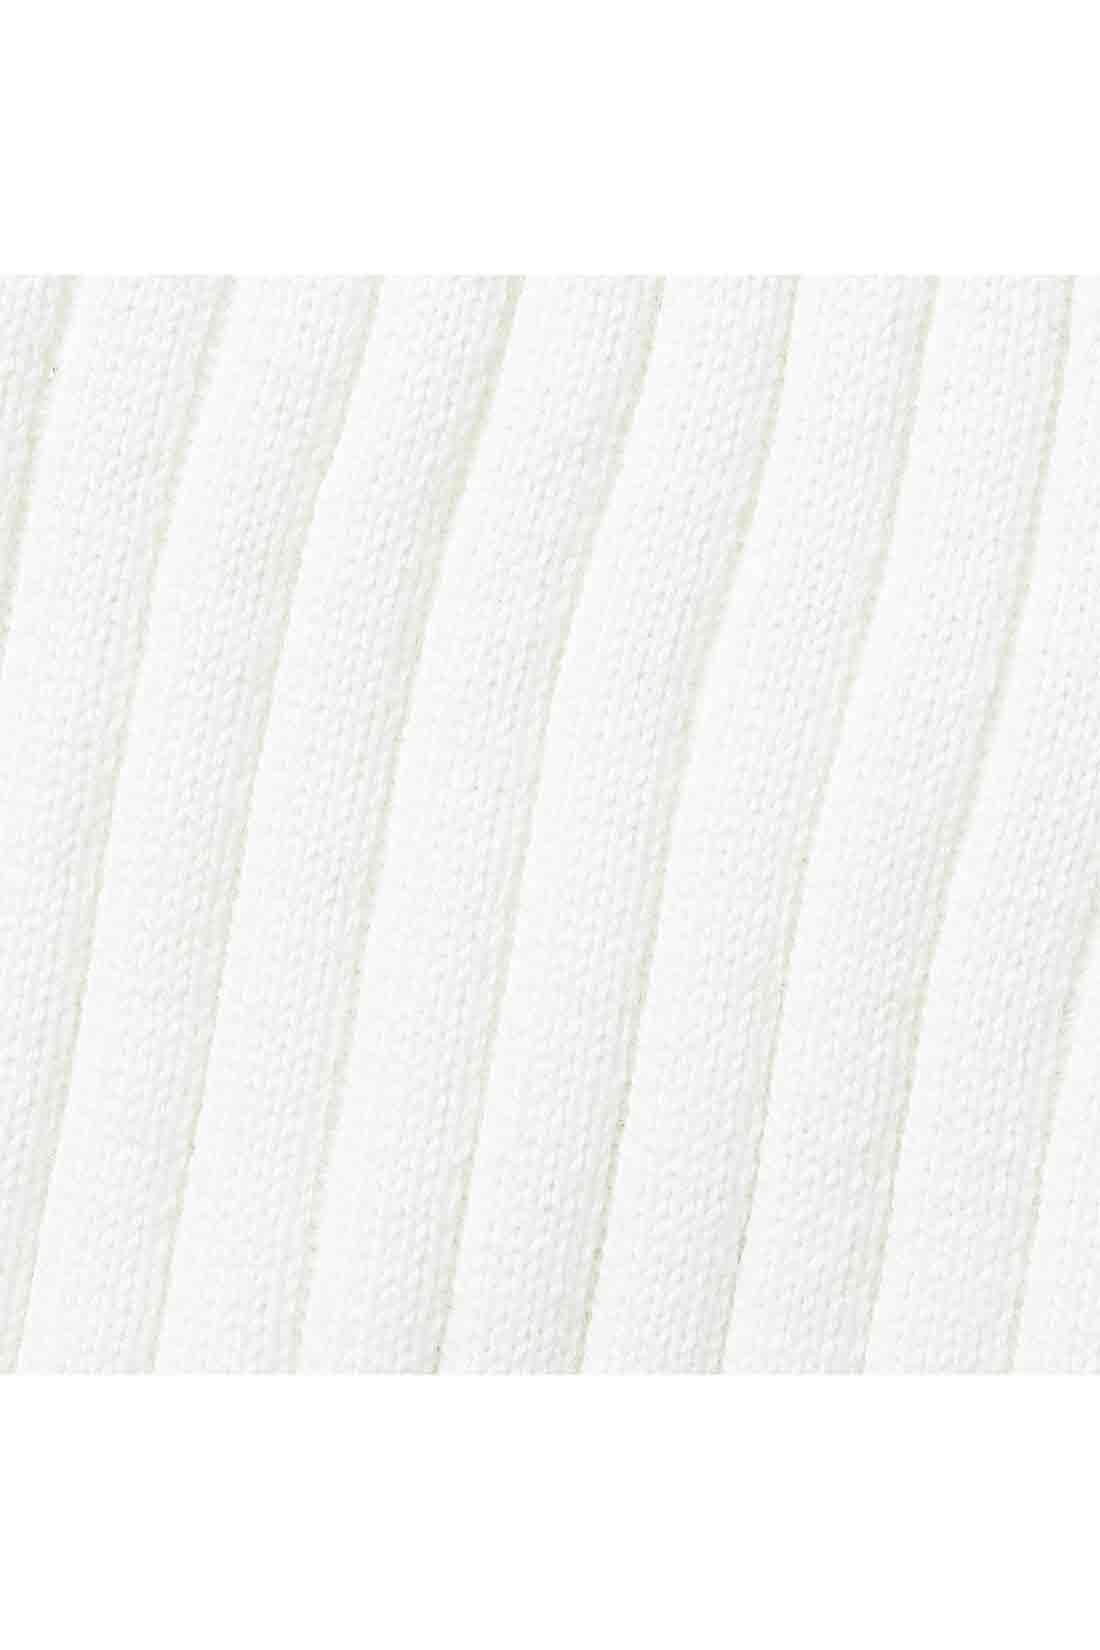 立体的なリブ編みの、シルク混コットン素材。